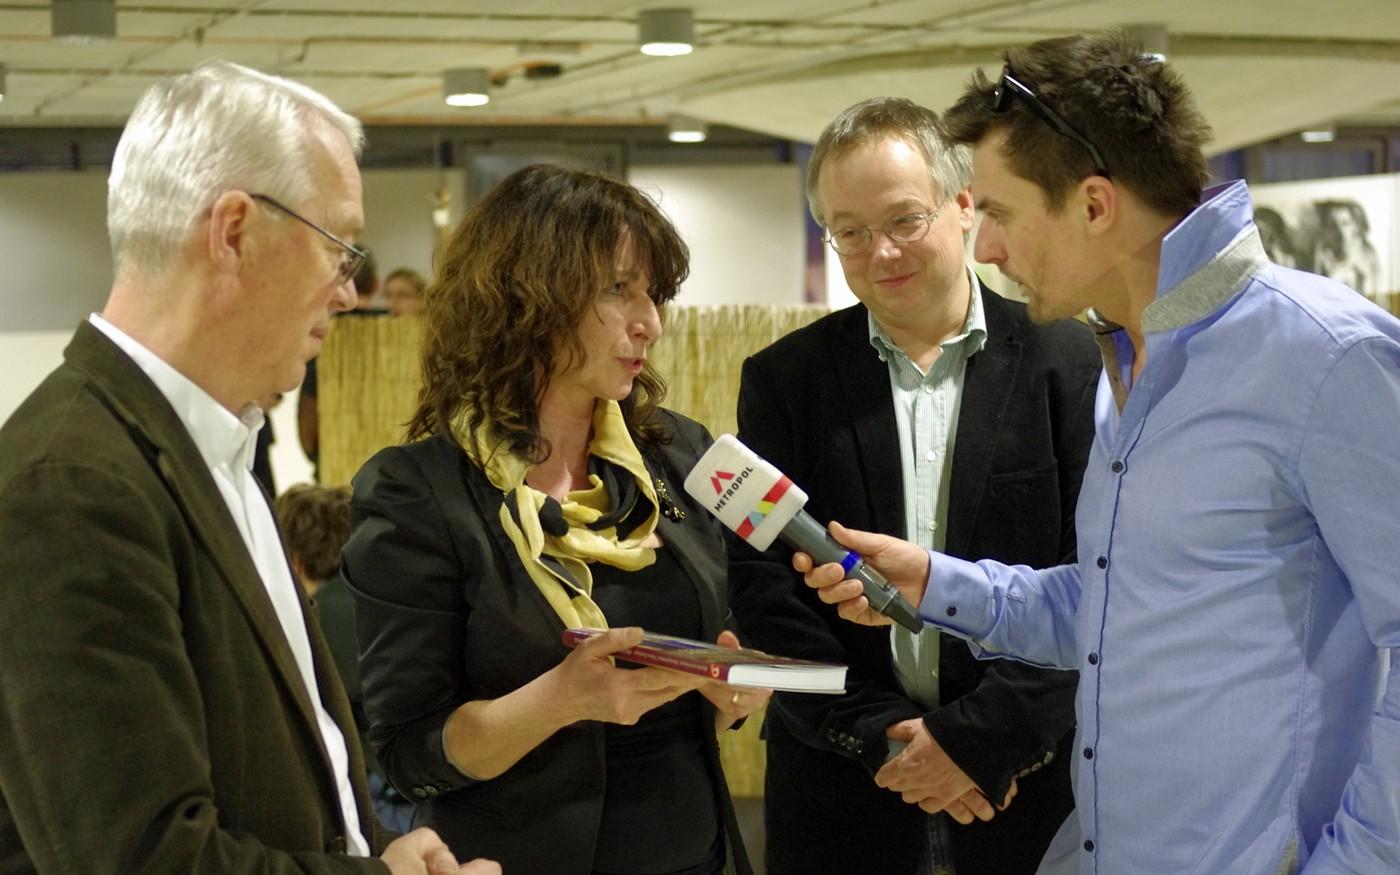 O uvedení knihy měla zájem i pražská televize Metropol